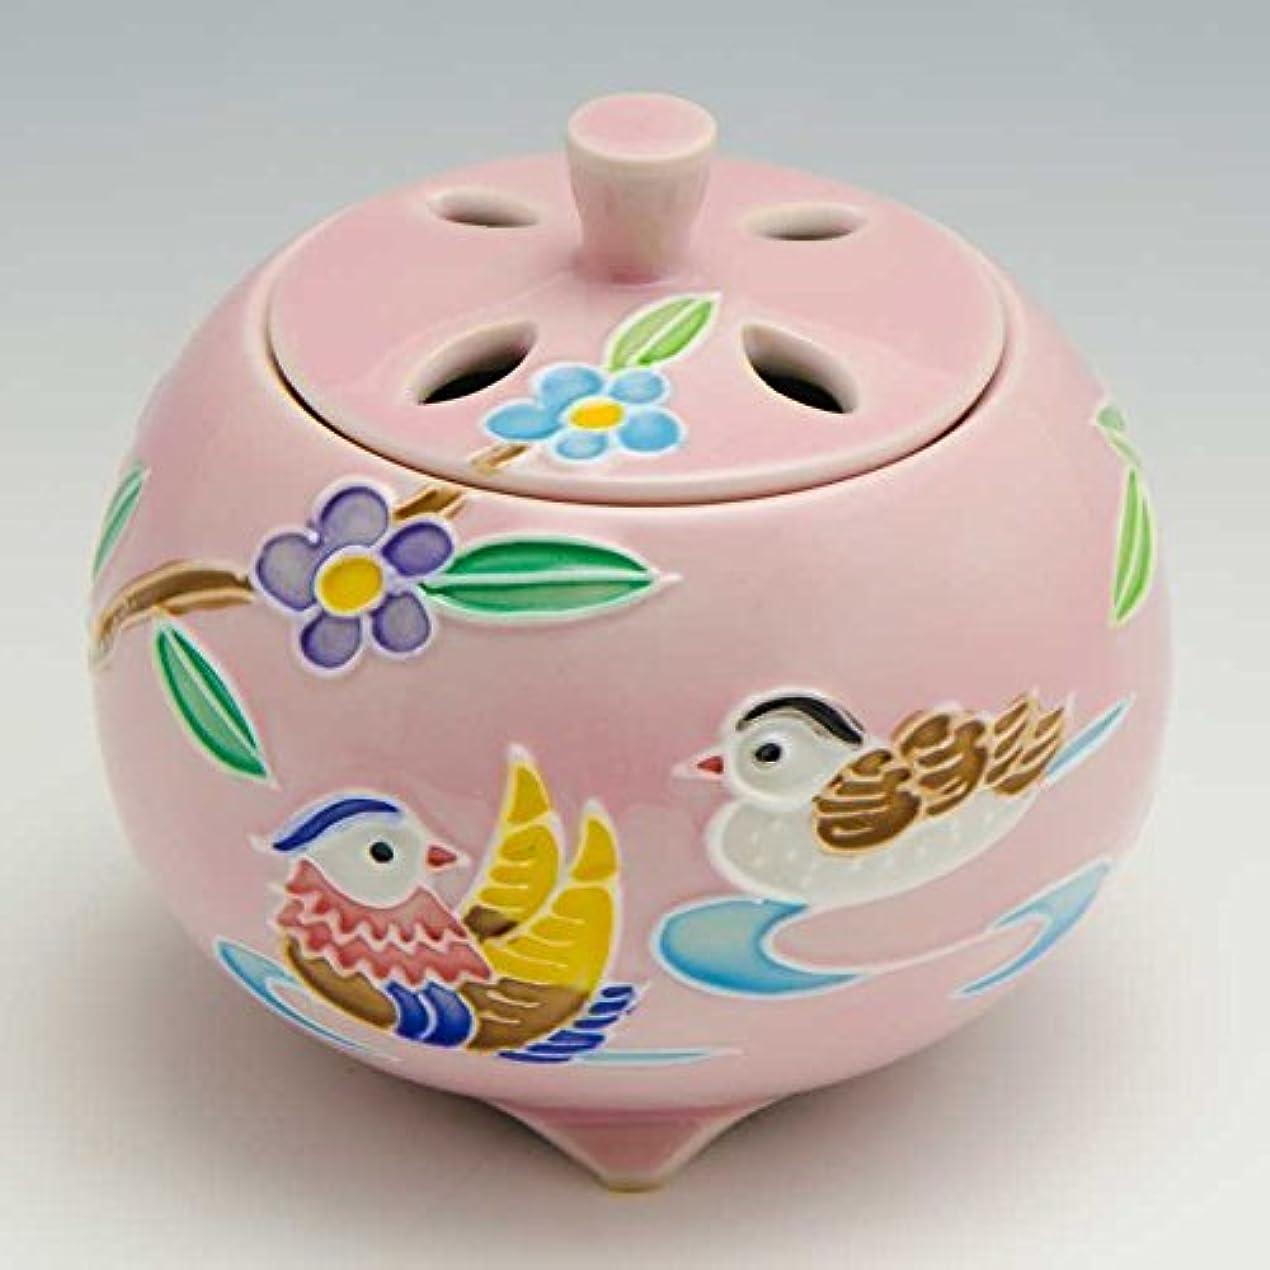 トースト実現可能性つまずく京焼 清水焼 京 焼き 京焼き 香炉 1個 木箱入 交趾おしどり(ピンク) こうちおしどり(ぴんく) YSP133